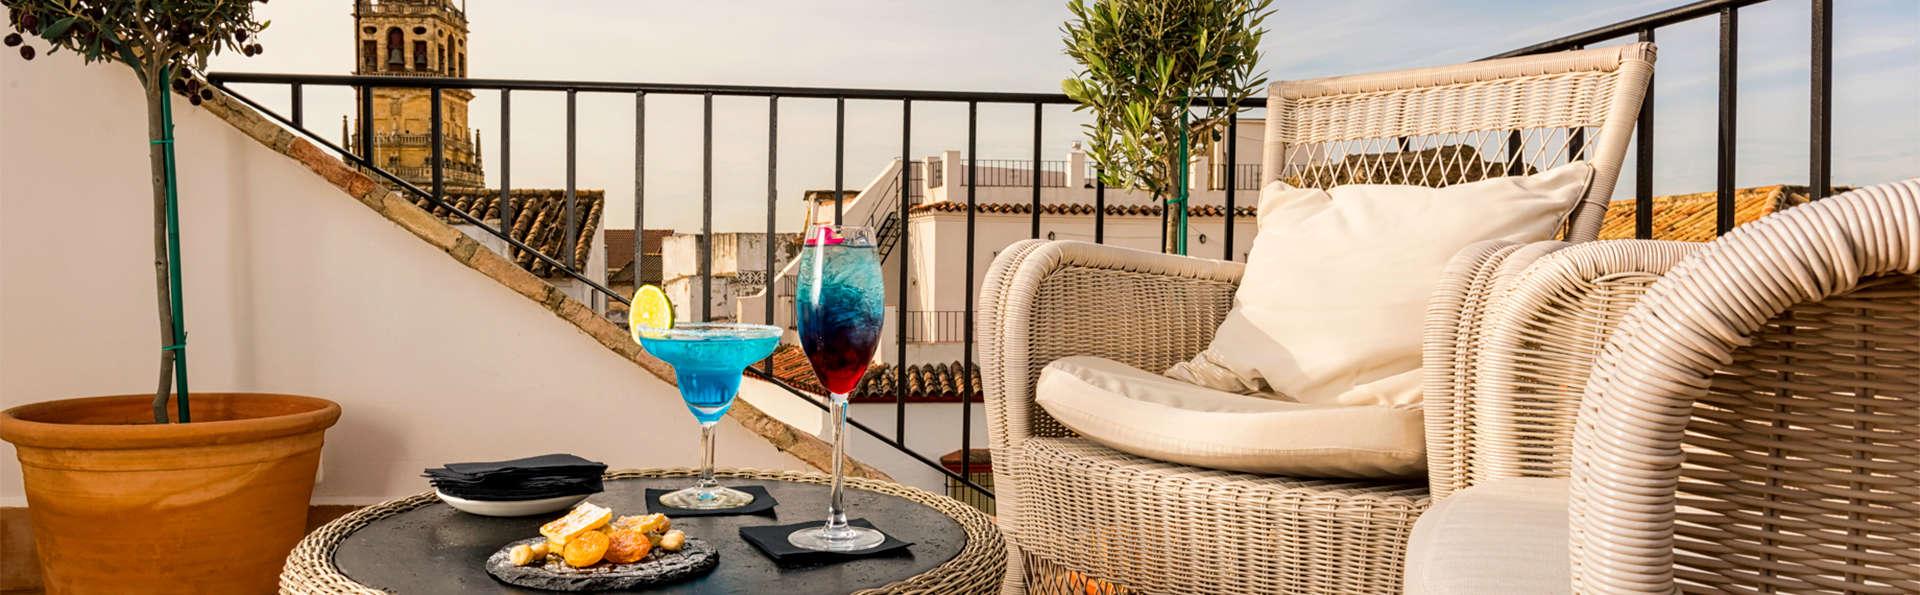 Hotel Balcón de Córdoba  - EDIT_Terrace4.jpg